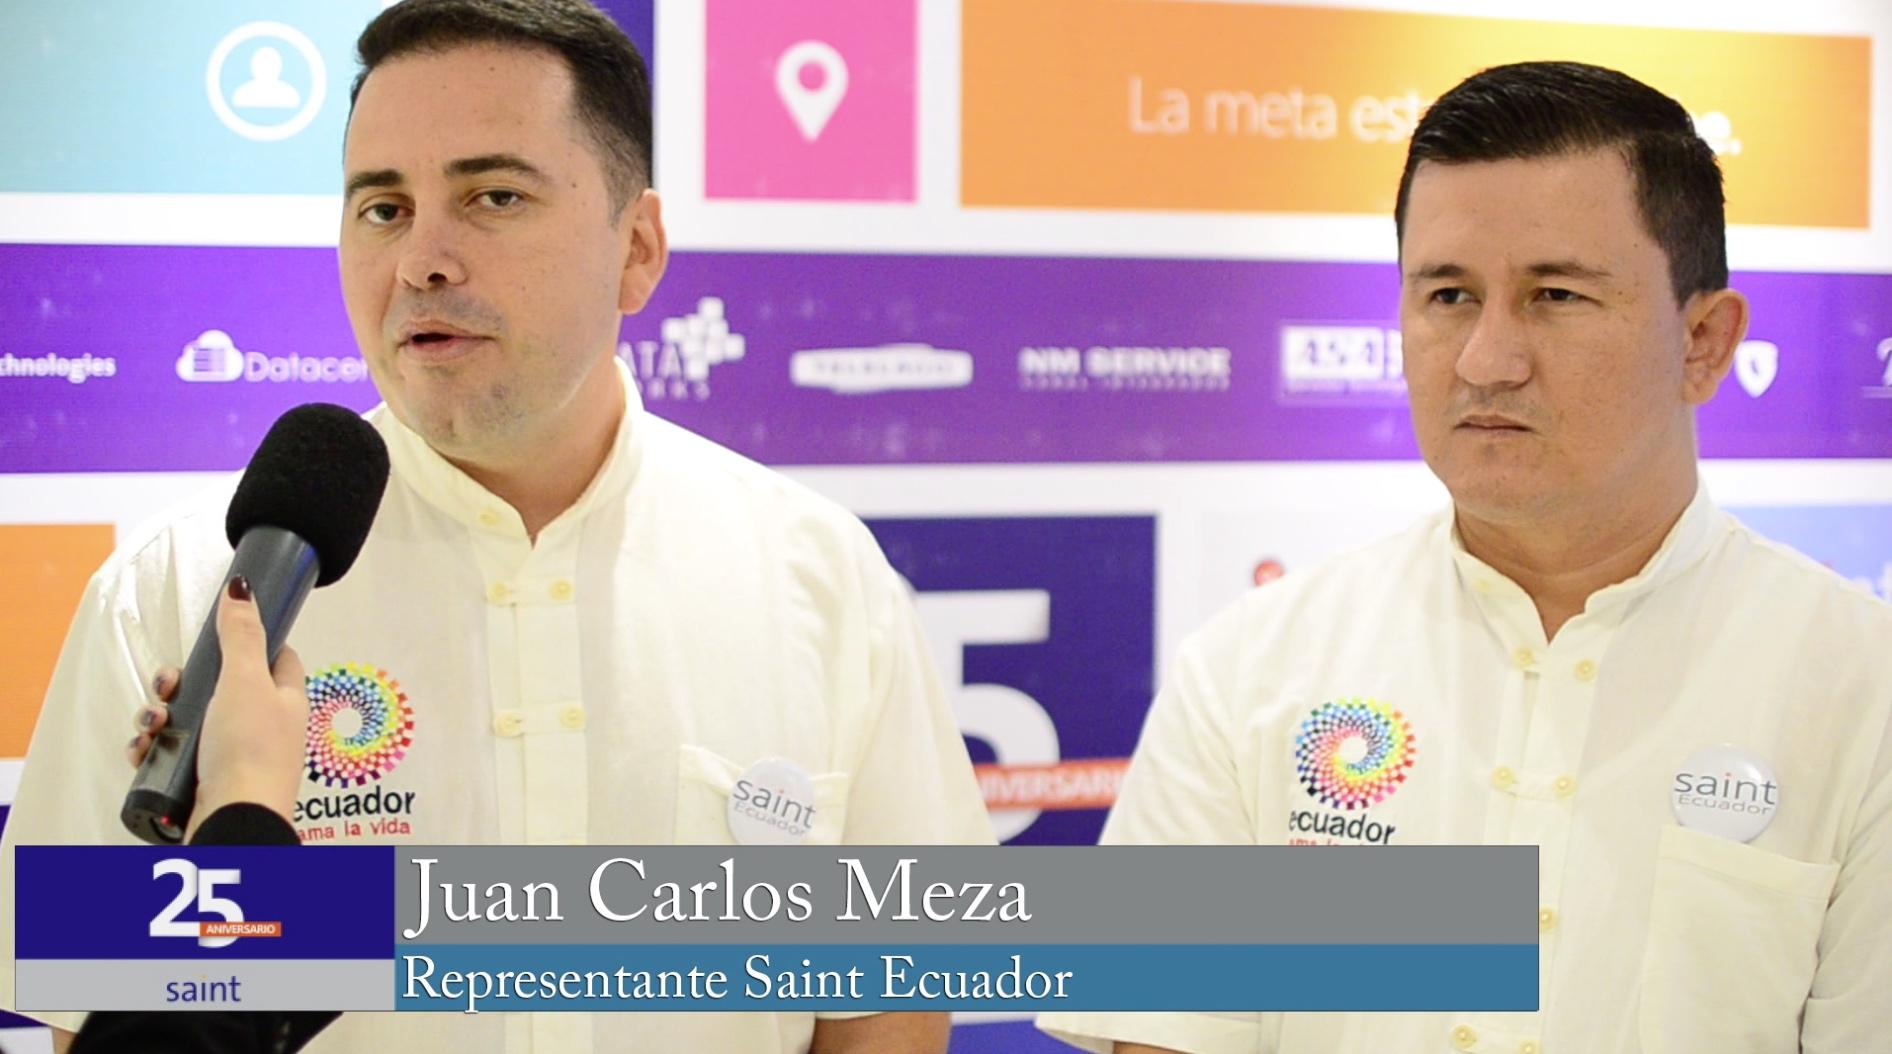 Juan Carlos Meza representante de Saint Ecuador.